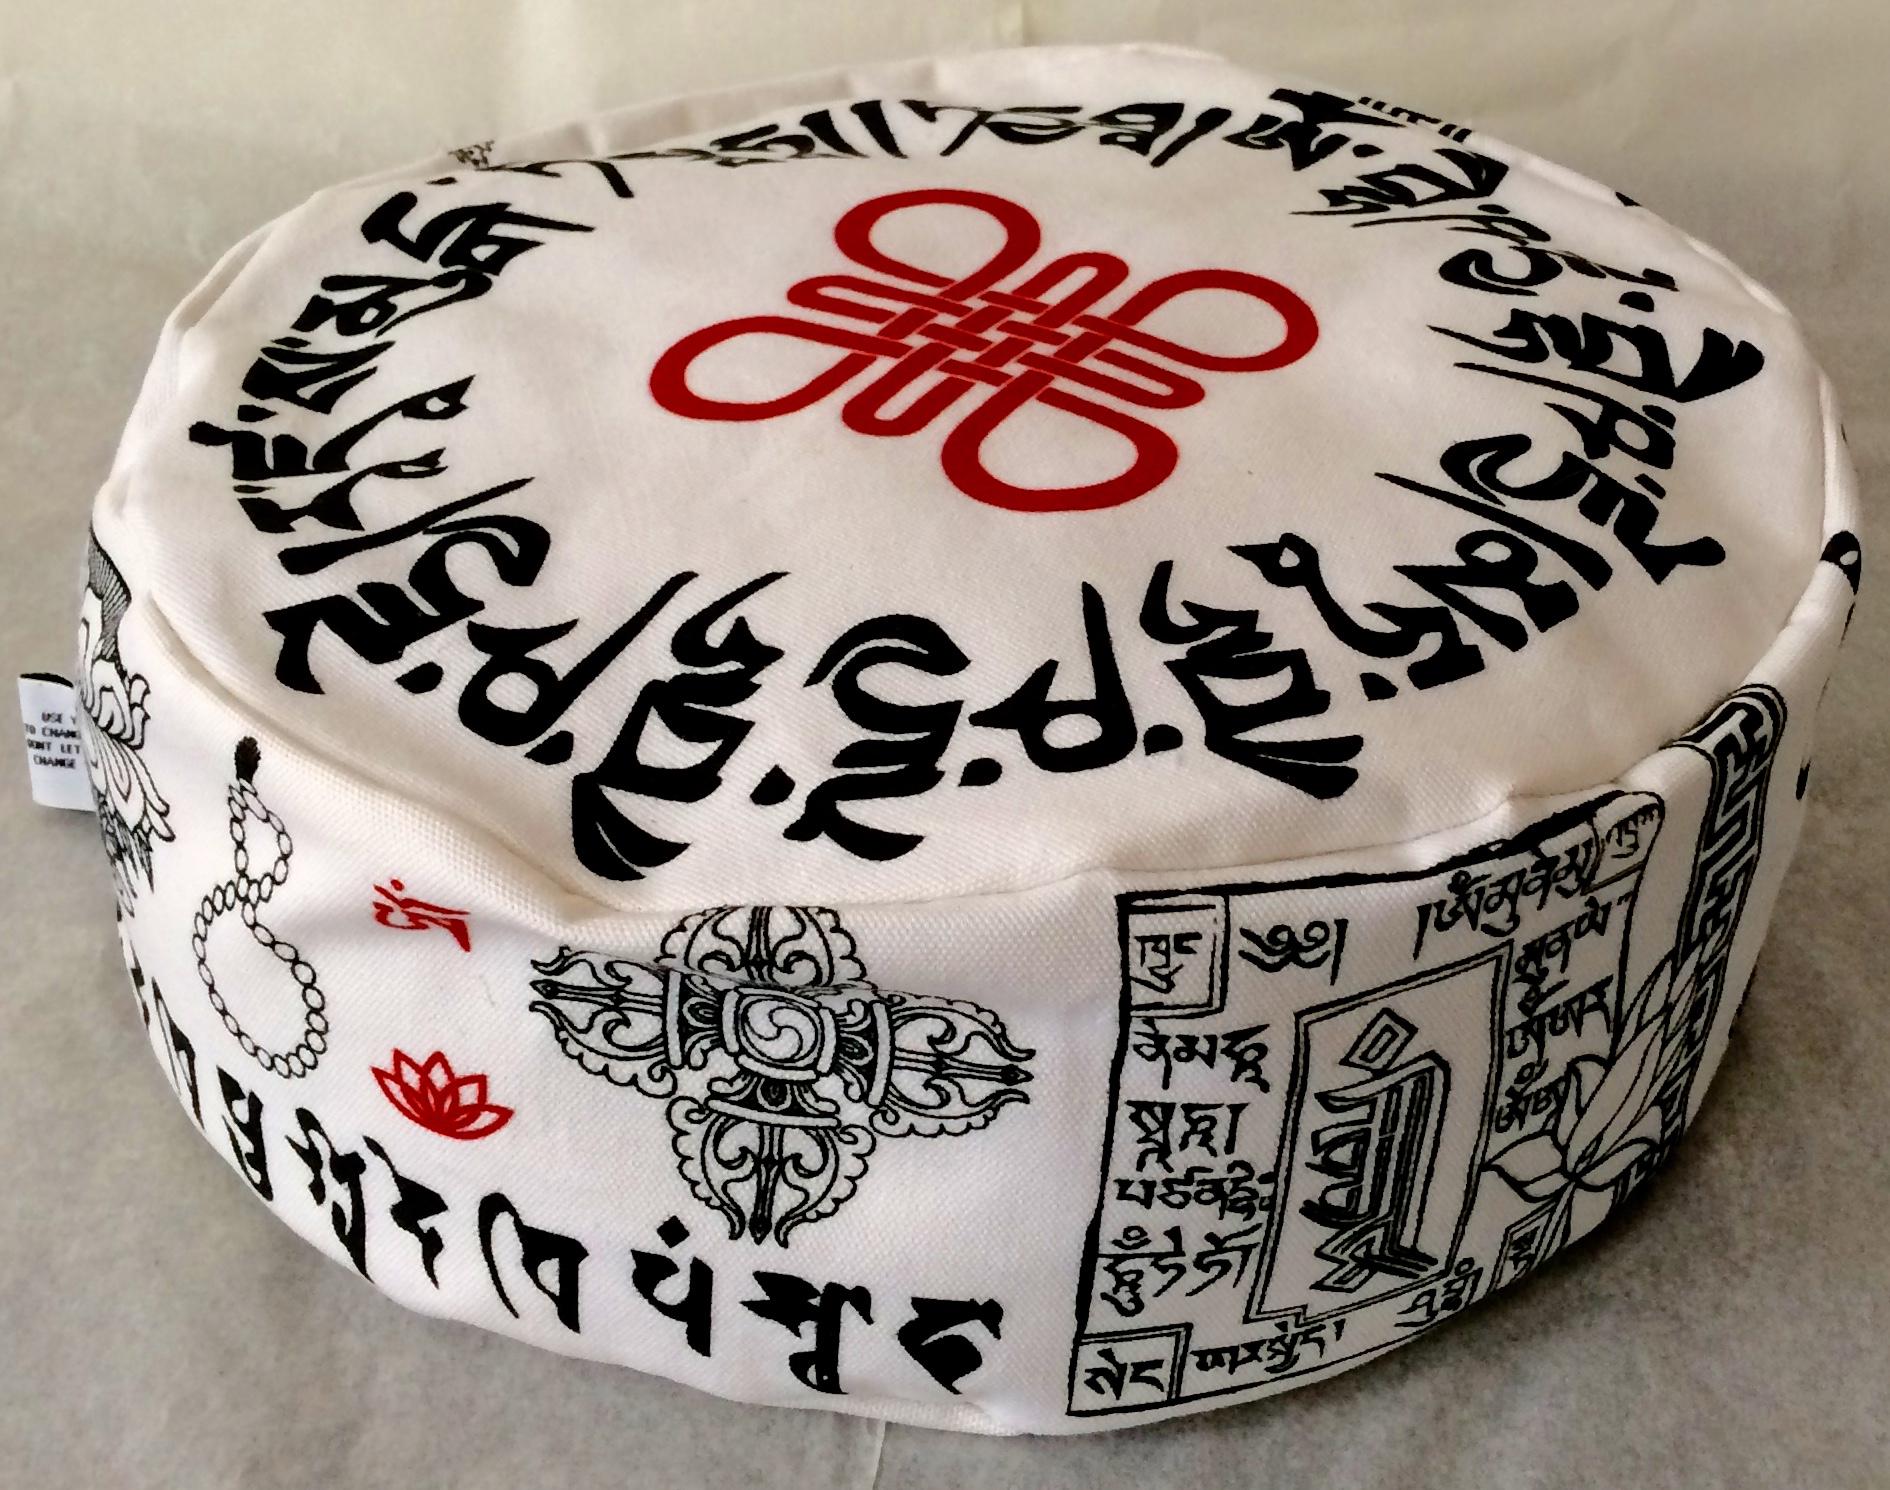 Eigen ontwerp in opdracht voor iemand met kennis van Tibetaans Boeddhisme